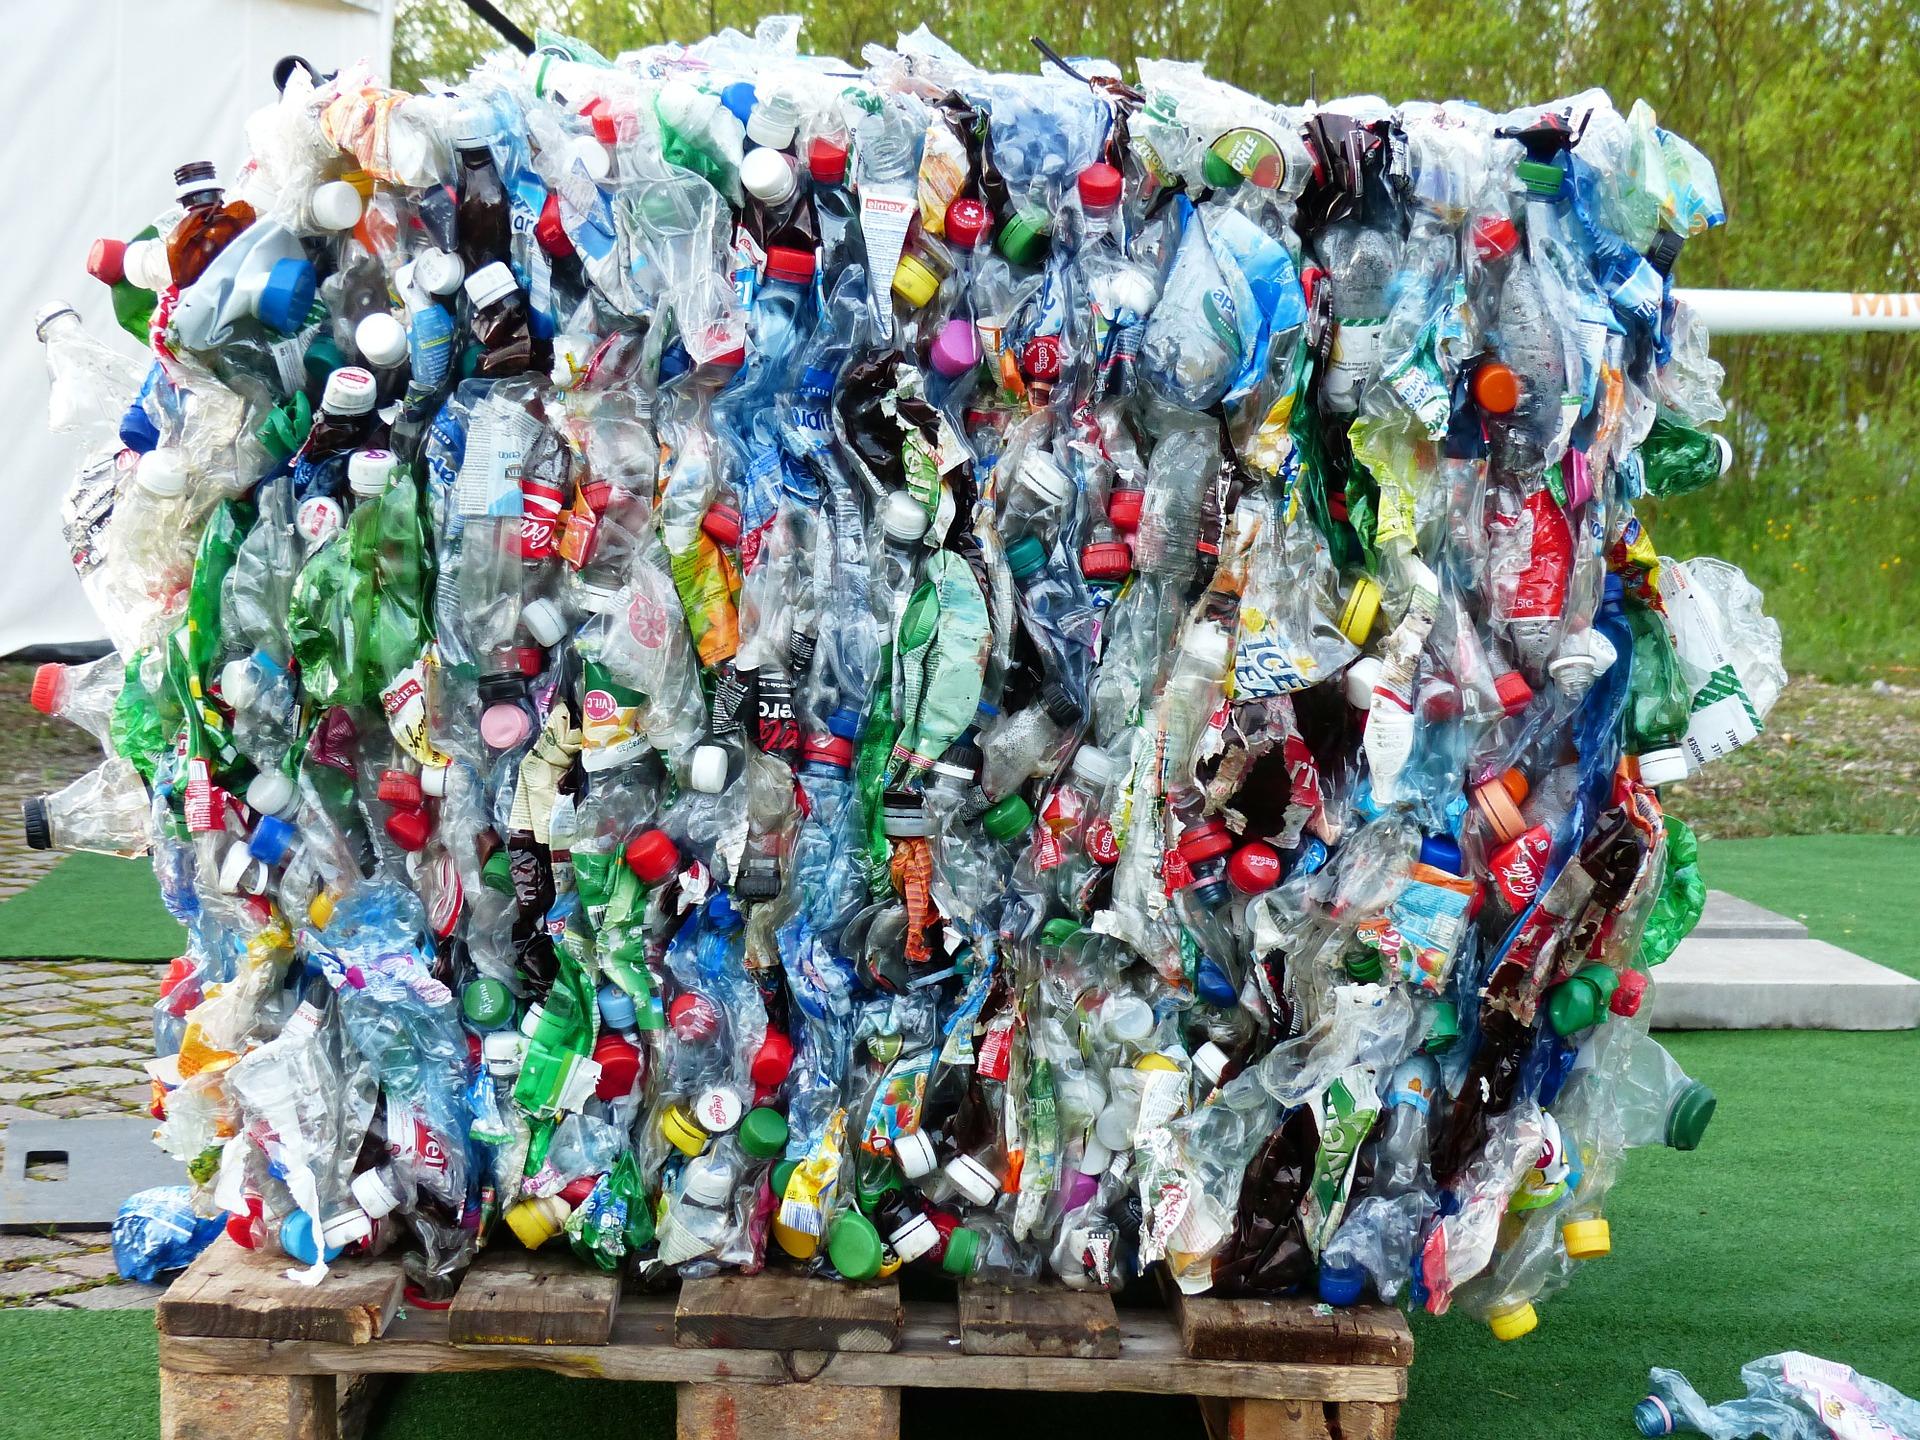 Os diferentes processos de reciclagem